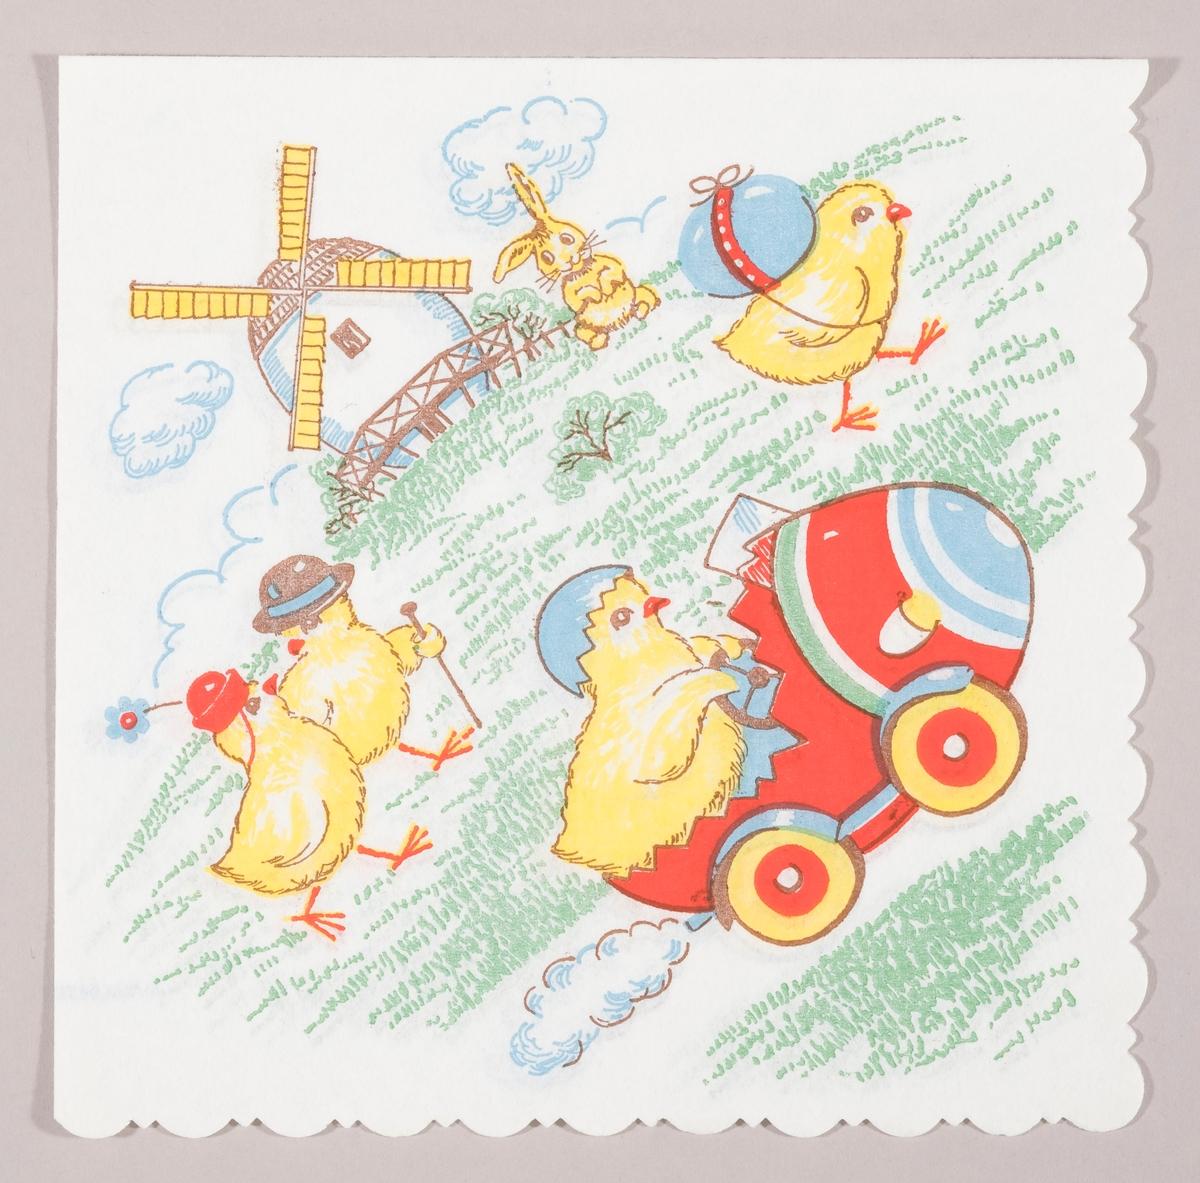 En kylling som kjører i en eggebil. En kylling som bærer på et påskeegg. En kylling med damehatt som går tur sammen med en kylling med herrehatt og spaserstokk. I bakgrunnen en vindmølle og en sittende hare.